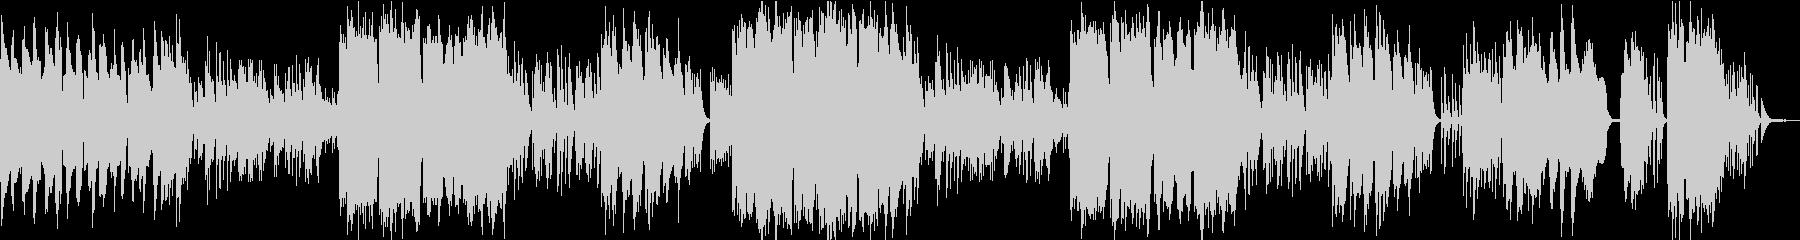 ケルトの笛とハープのやわらかな曲6の未再生の波形